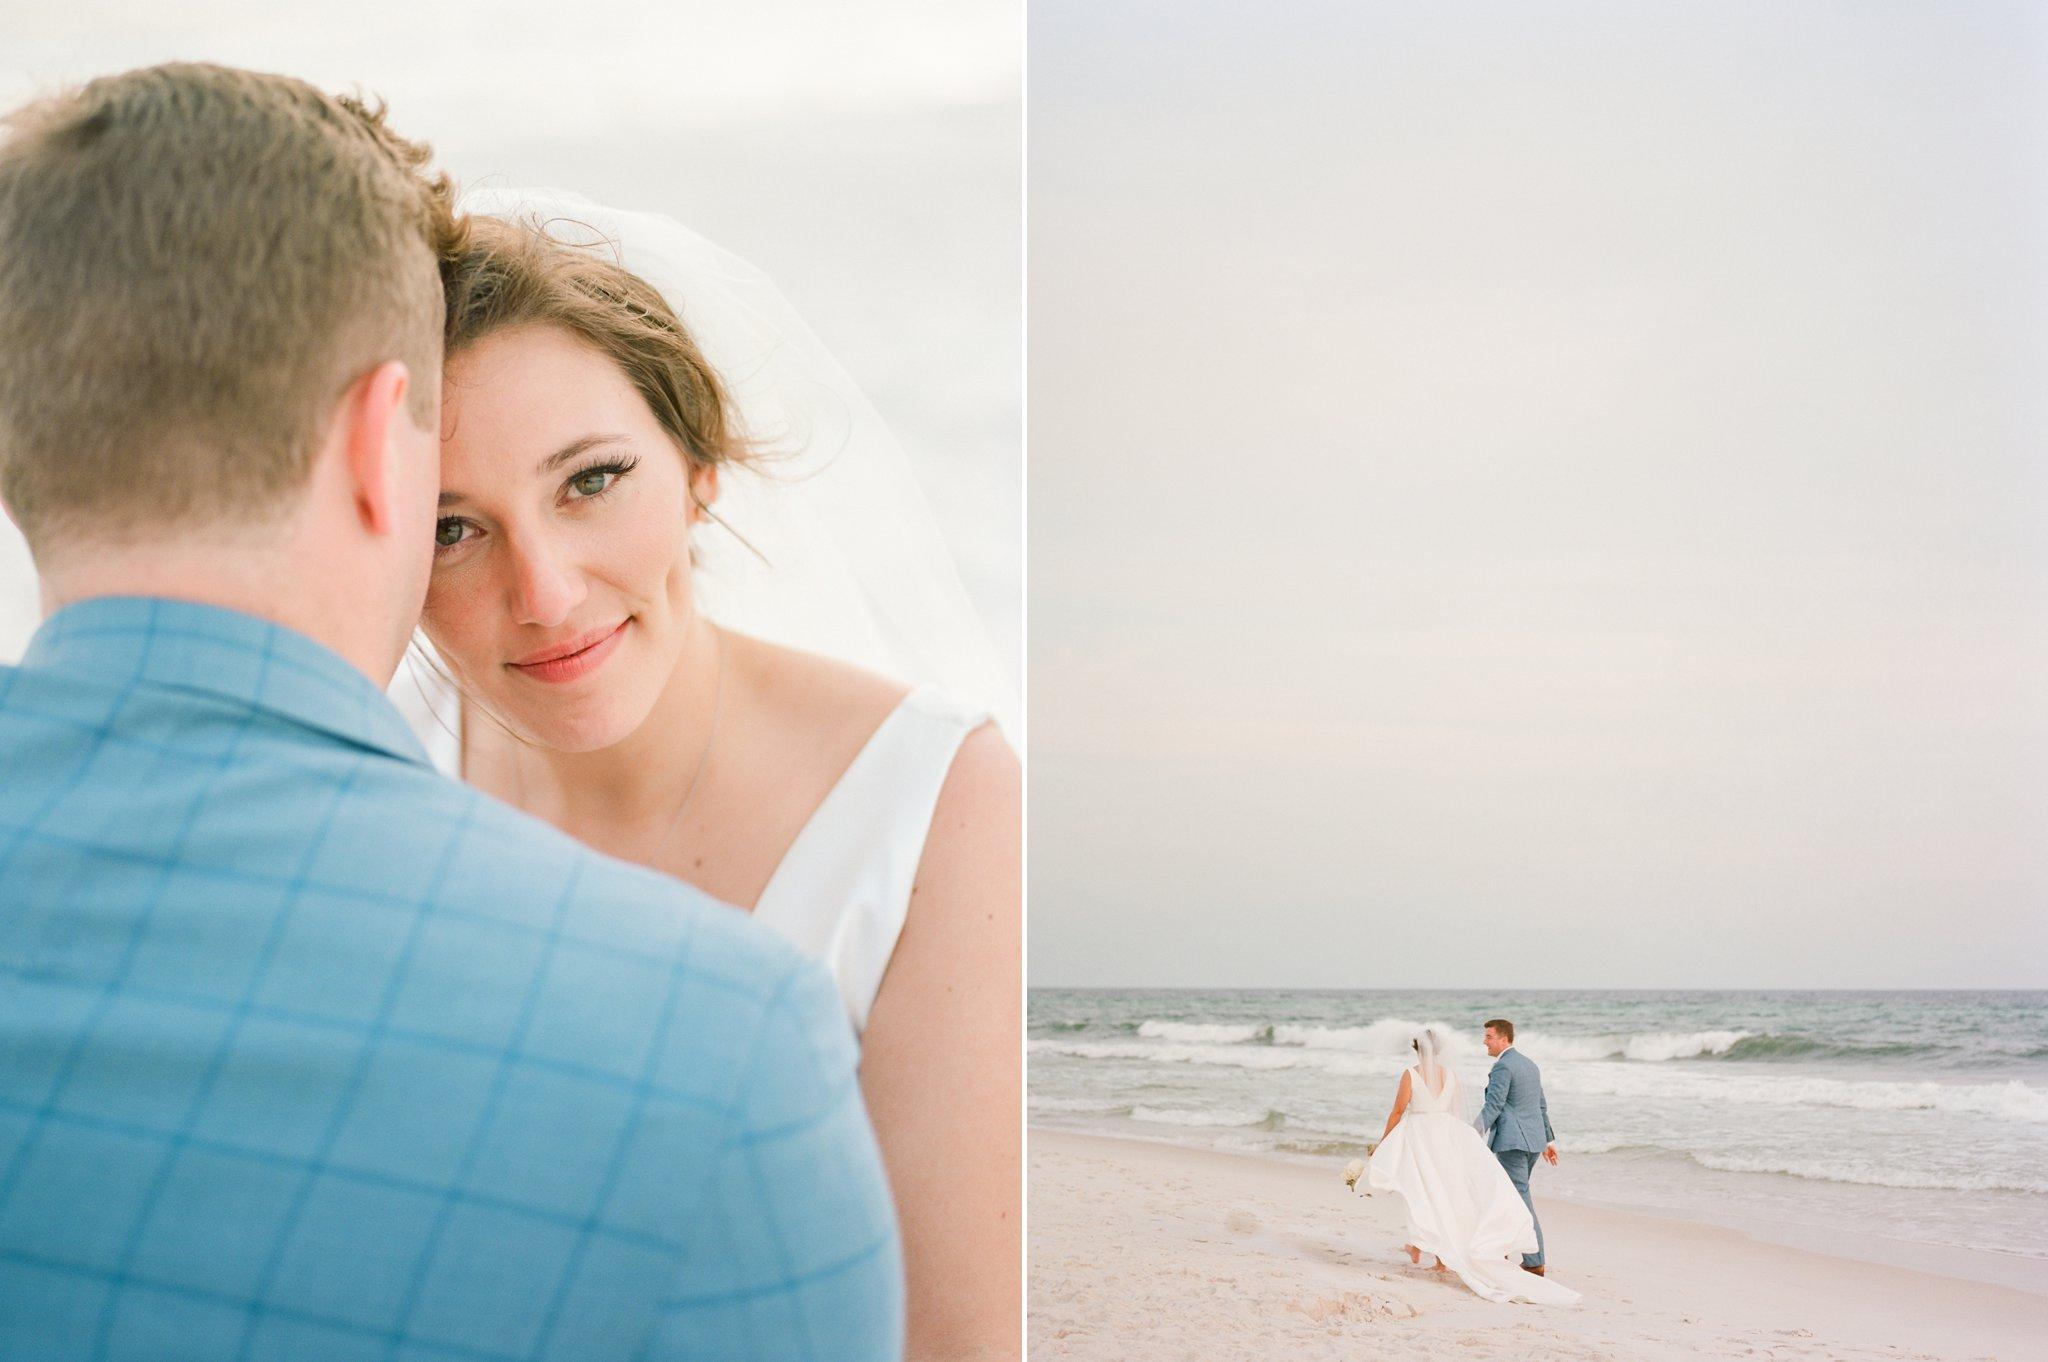 carillon beach wedding photographer shannon griffin photographer_0045.jpg